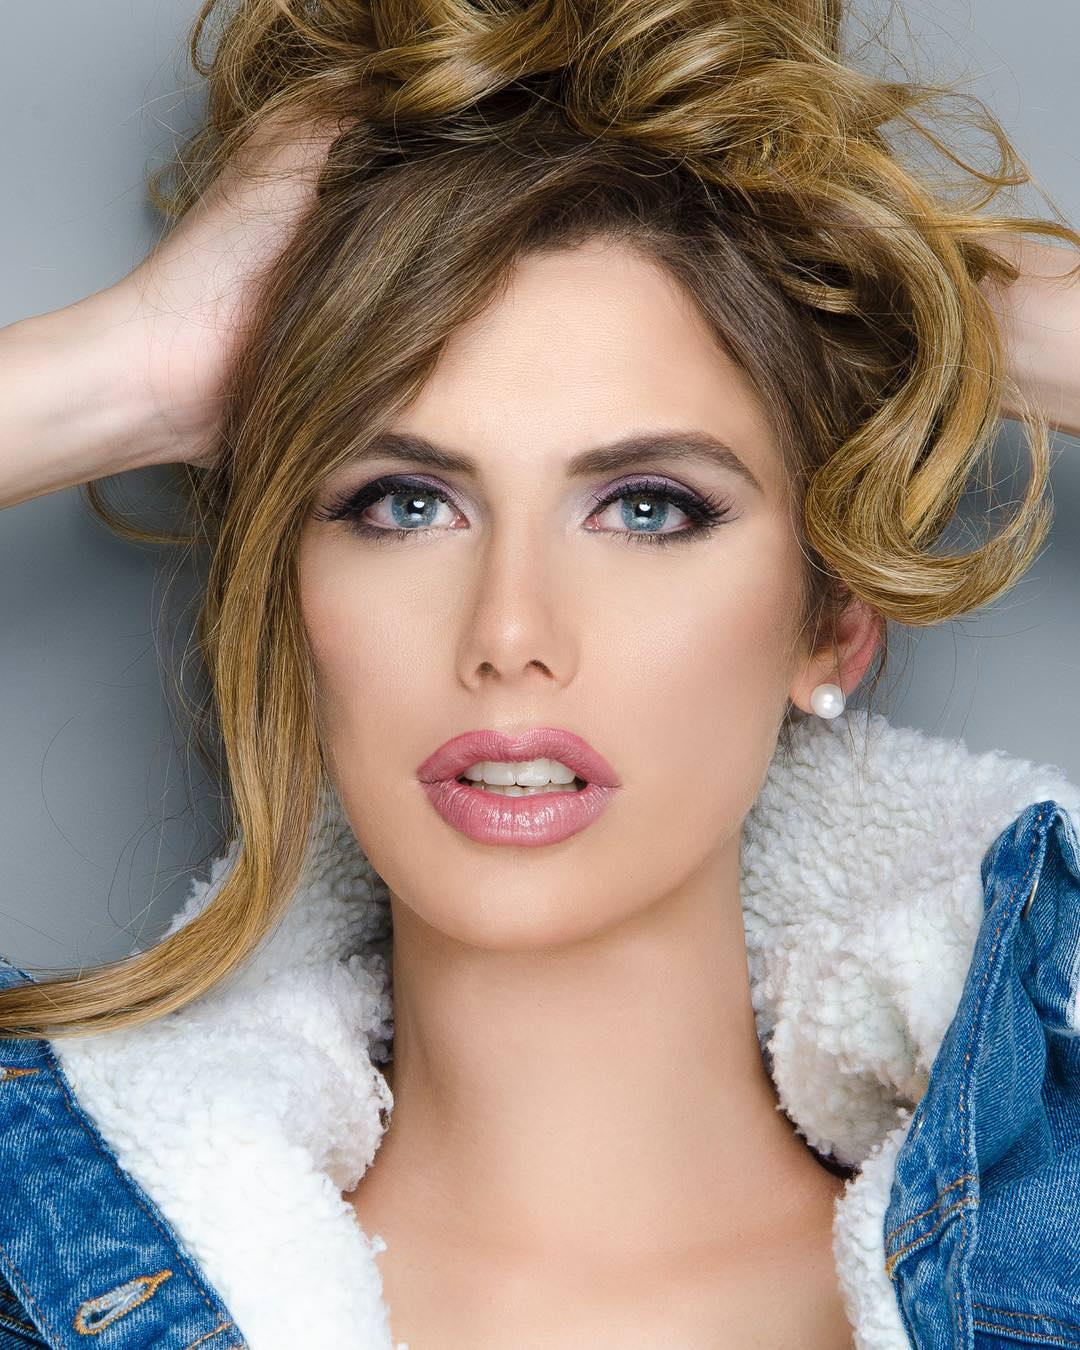 На «Мисс Вселенная» впервые будет женщина, которая раньше была мужчиной. Вот фото О времена, о нравы!